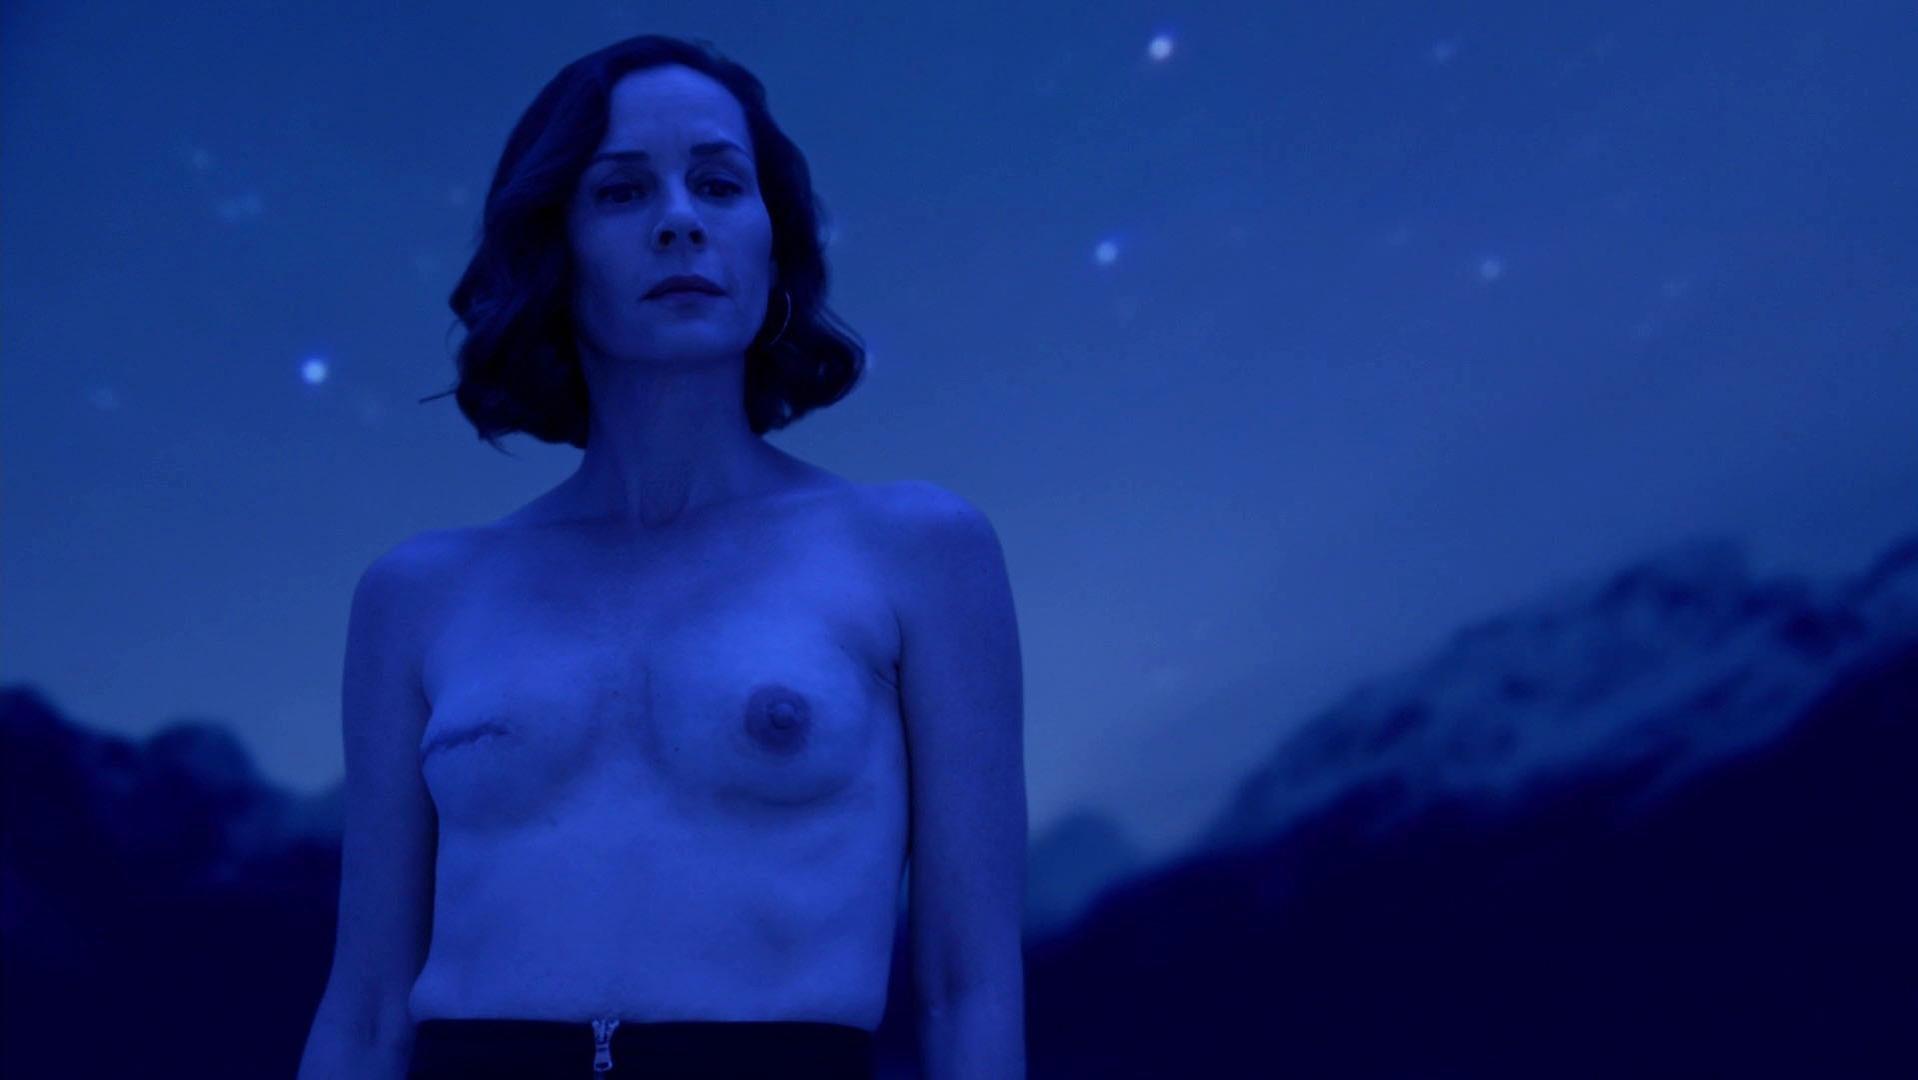 Embeth Davidtz nude - Ray Donovan s04e06 (2016)